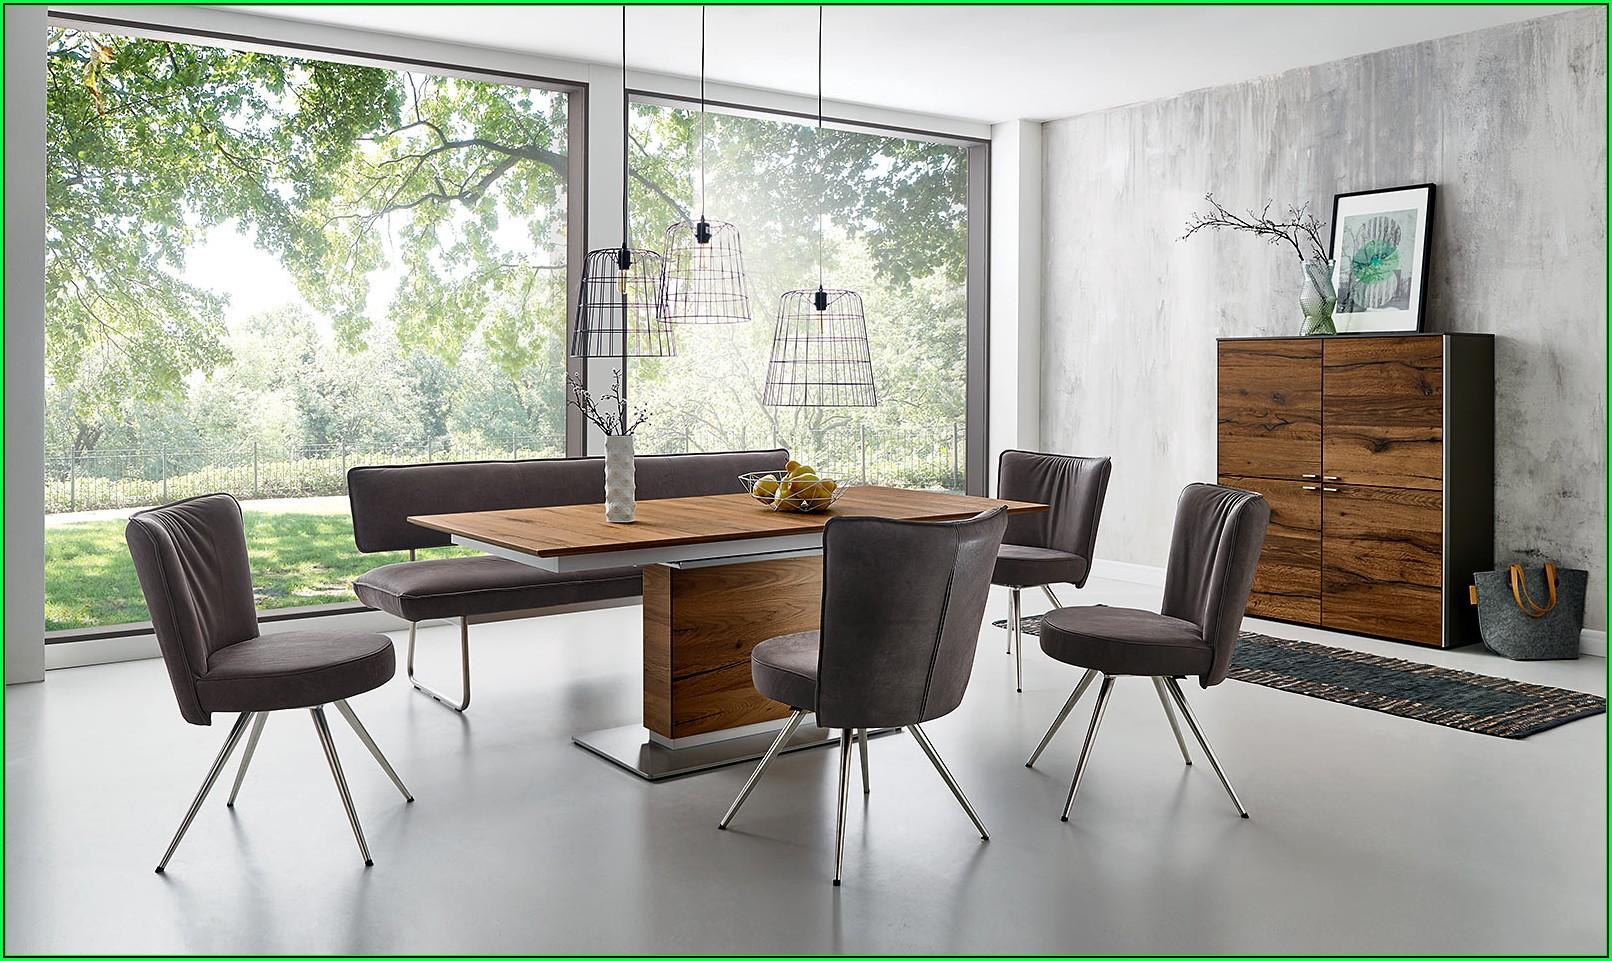 Esszimmer Stühle Vom Hersteller